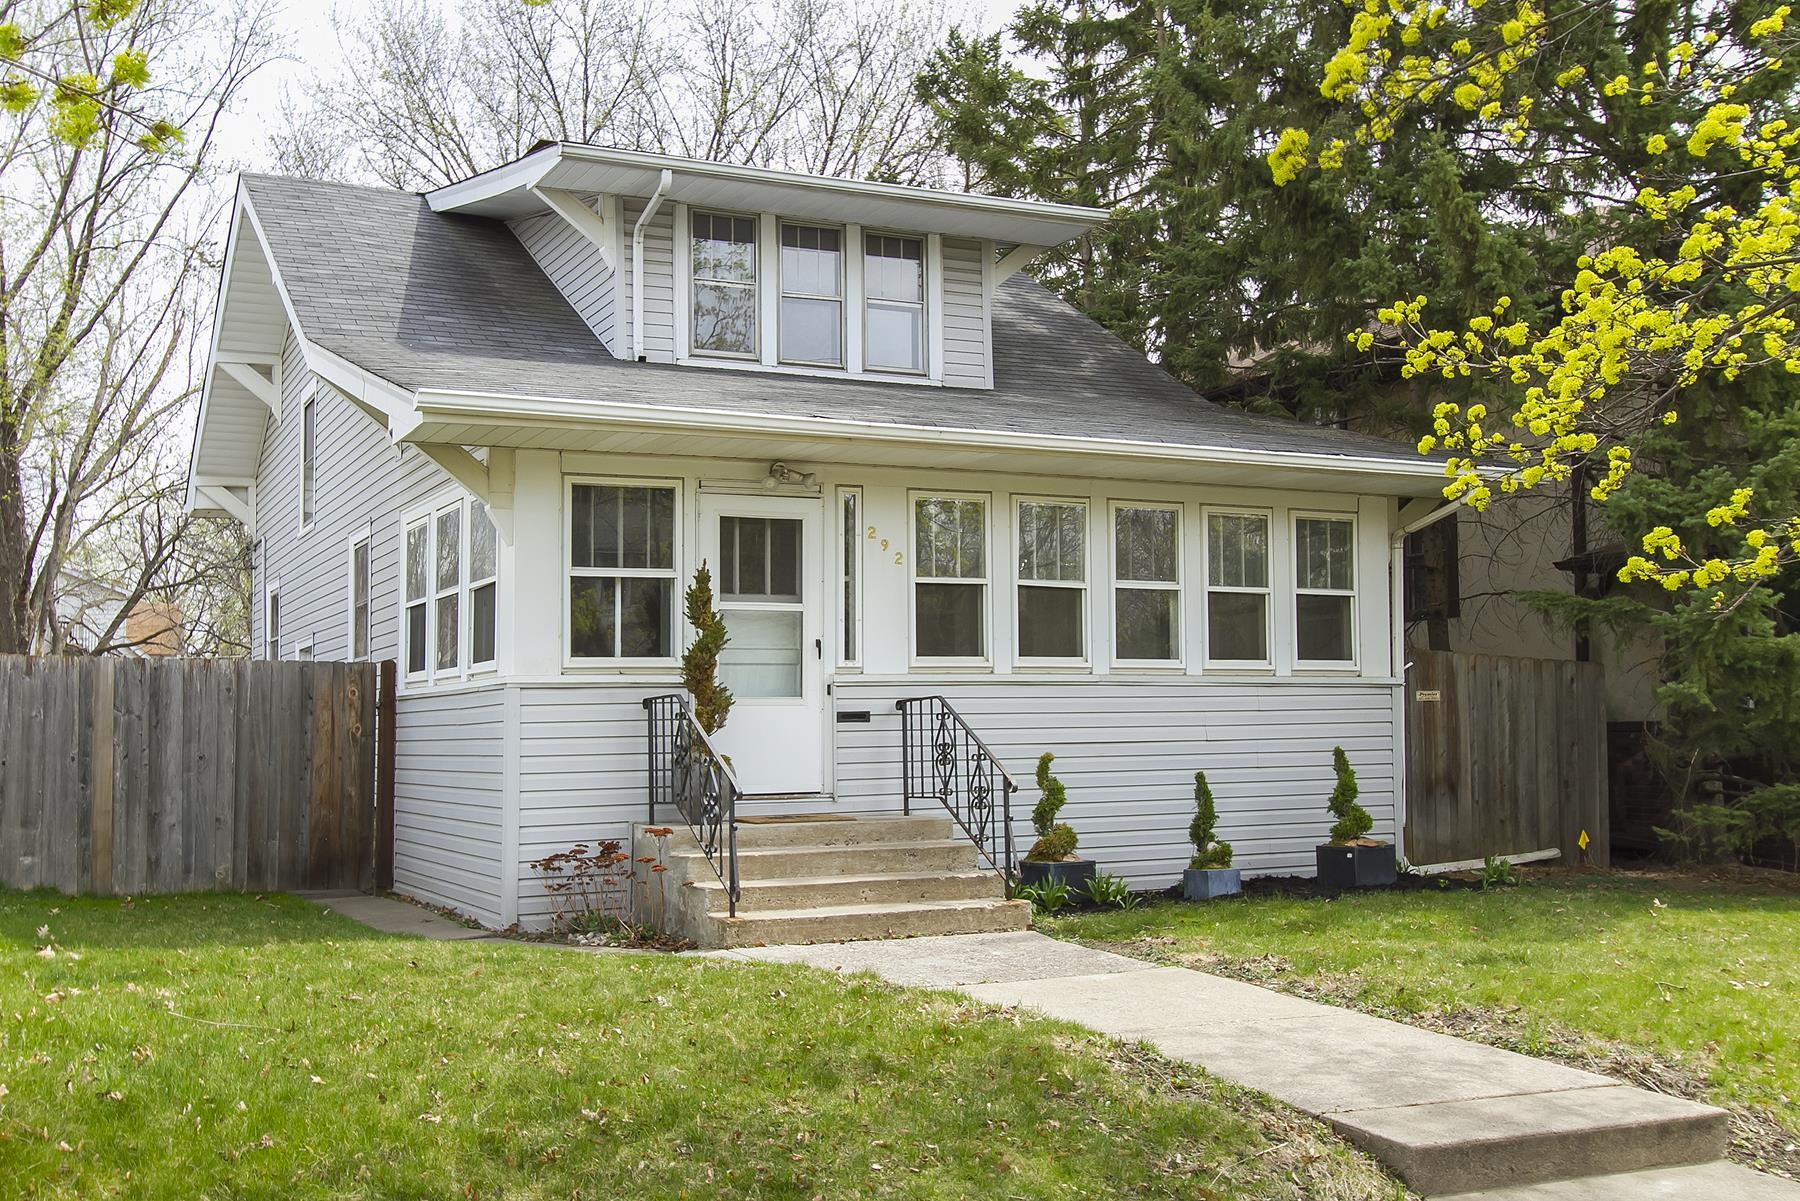 独户住宅 为 销售 在 292 Cleveland Ave N 圣保罗, 明尼苏达州, 55104 美国